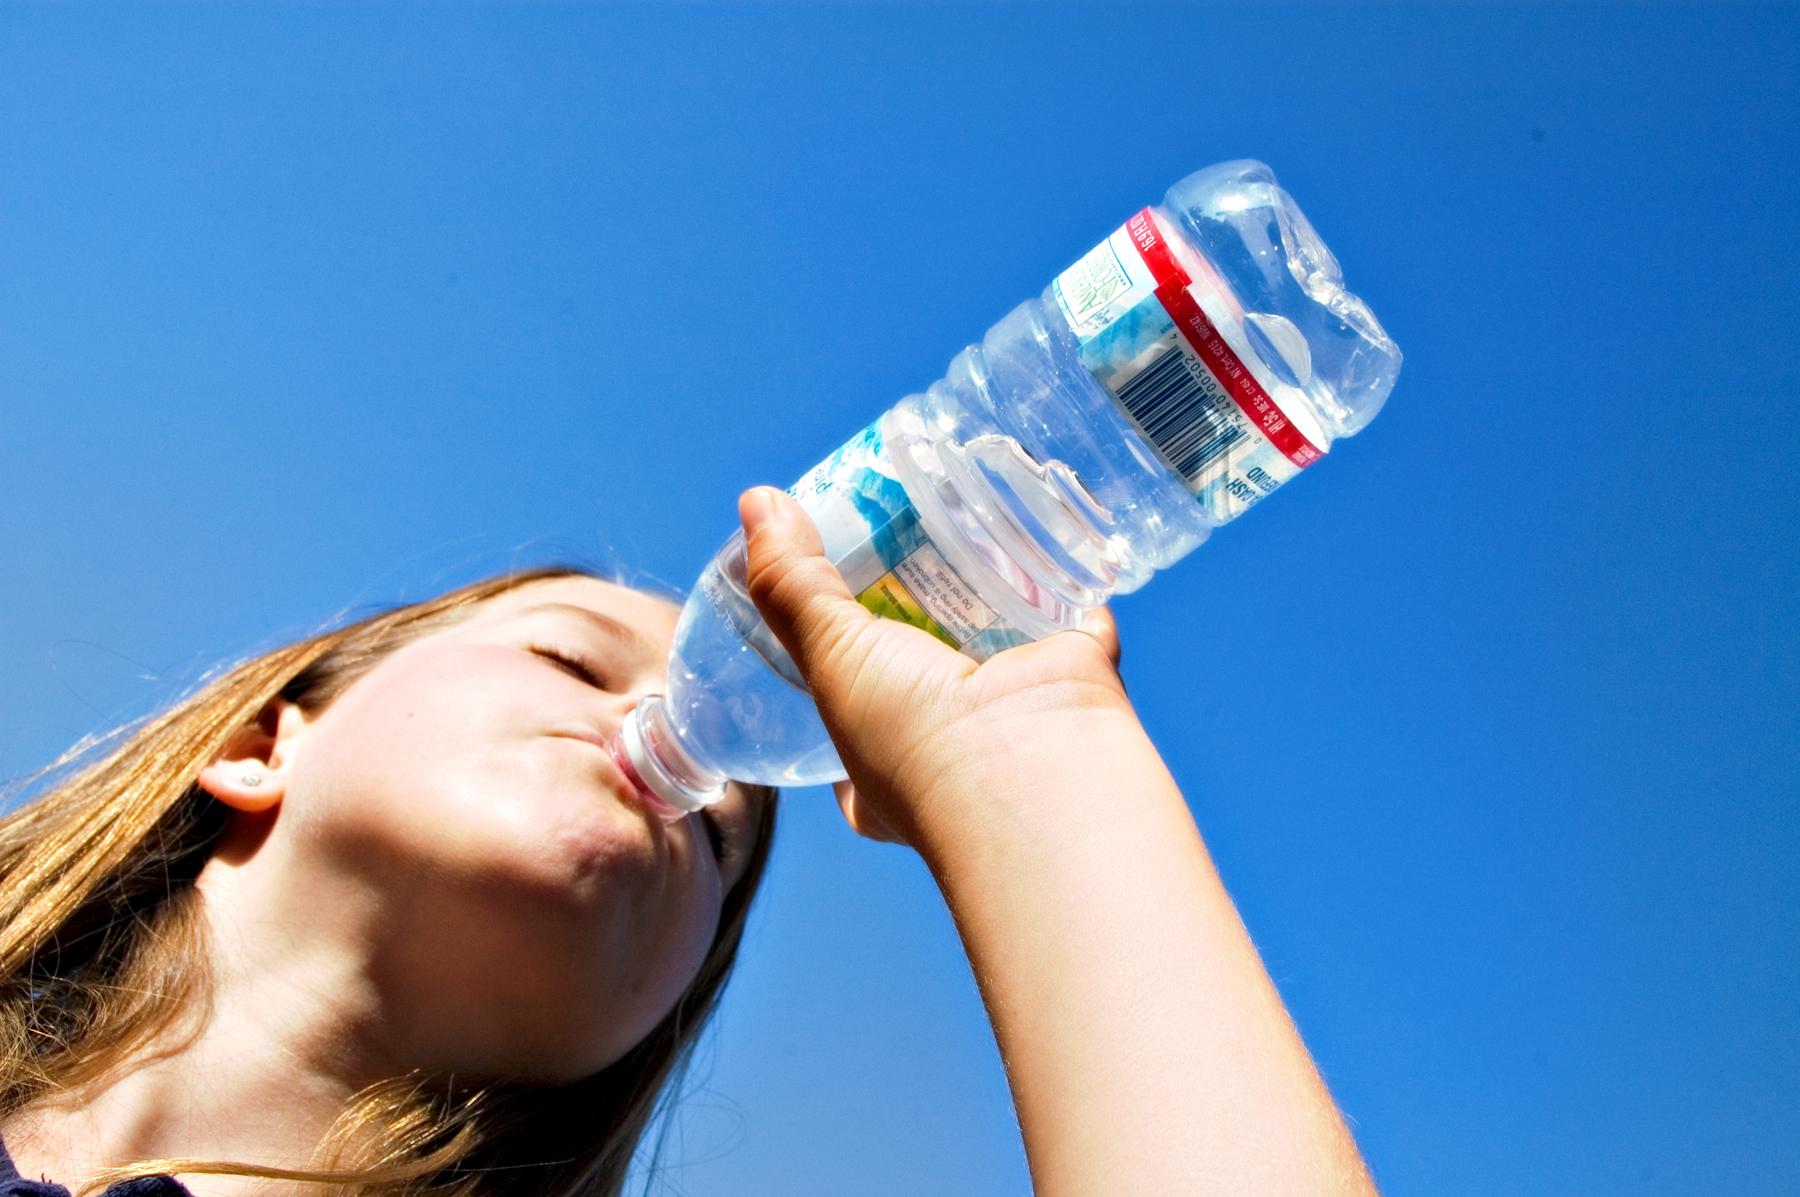 Perdere peso bevendo acqua prima dei pasti